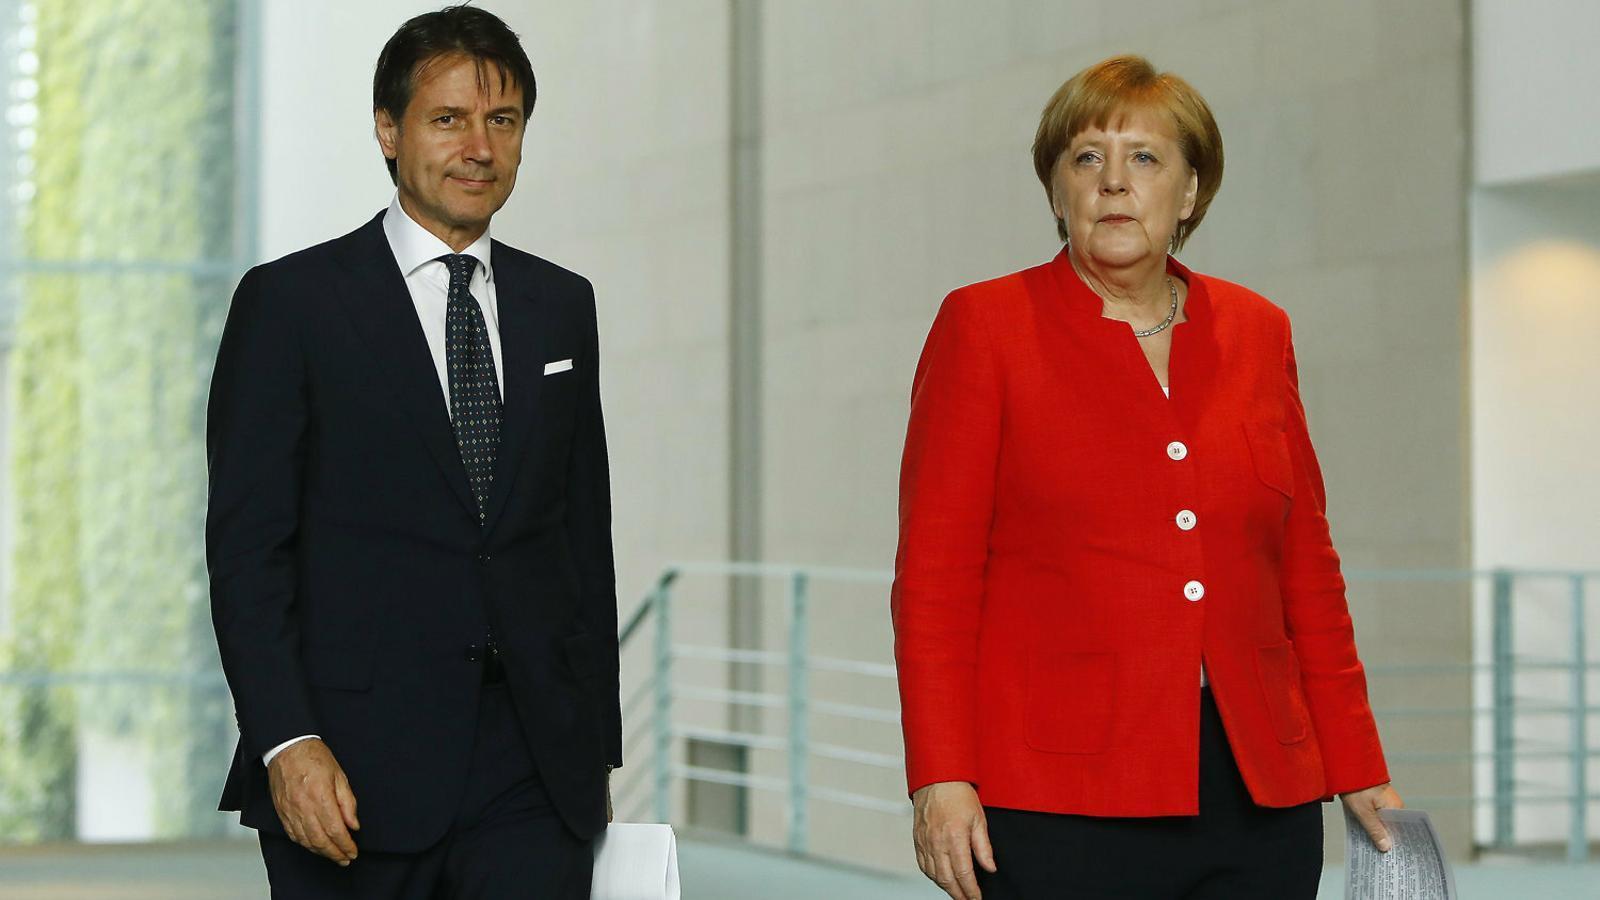 Imatge d'arxiu de Conte i Merkel. Ahir es van enfrontar en una cimera virtual.